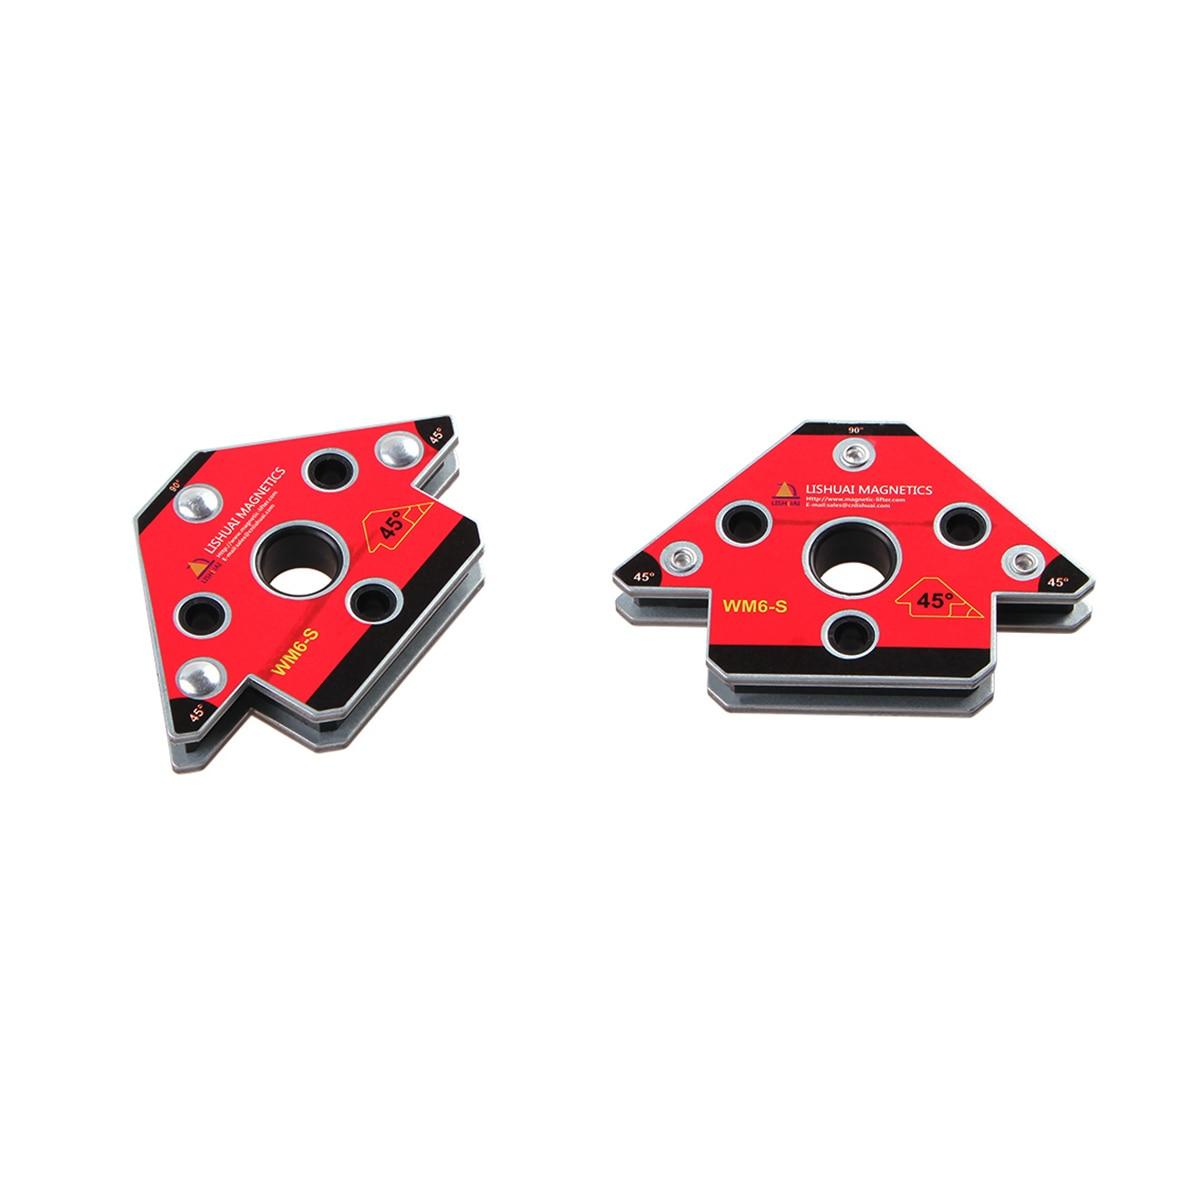 Magnetic Magnet  Welding Neodymium Holder Small Clamp Magnet Arrow Welding Welding 2pcs Set S WM6